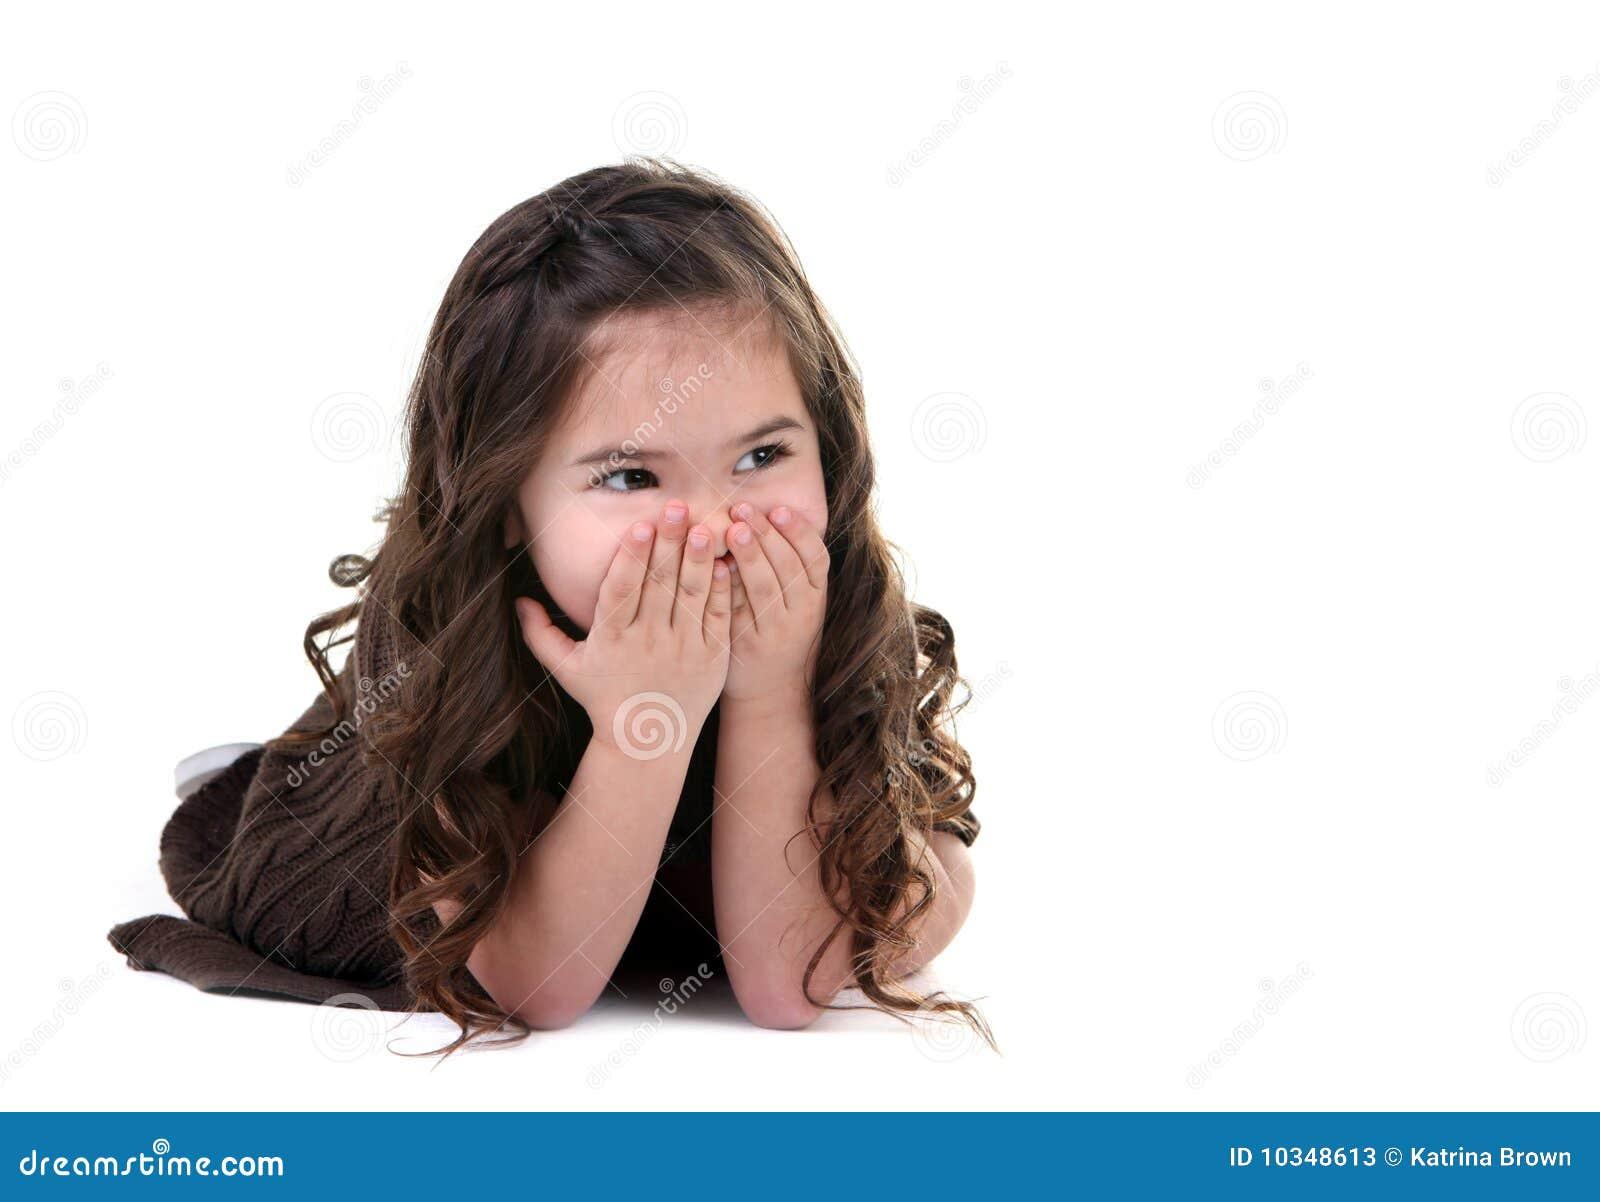 Cubierta adorable de la niña su risa de la boca